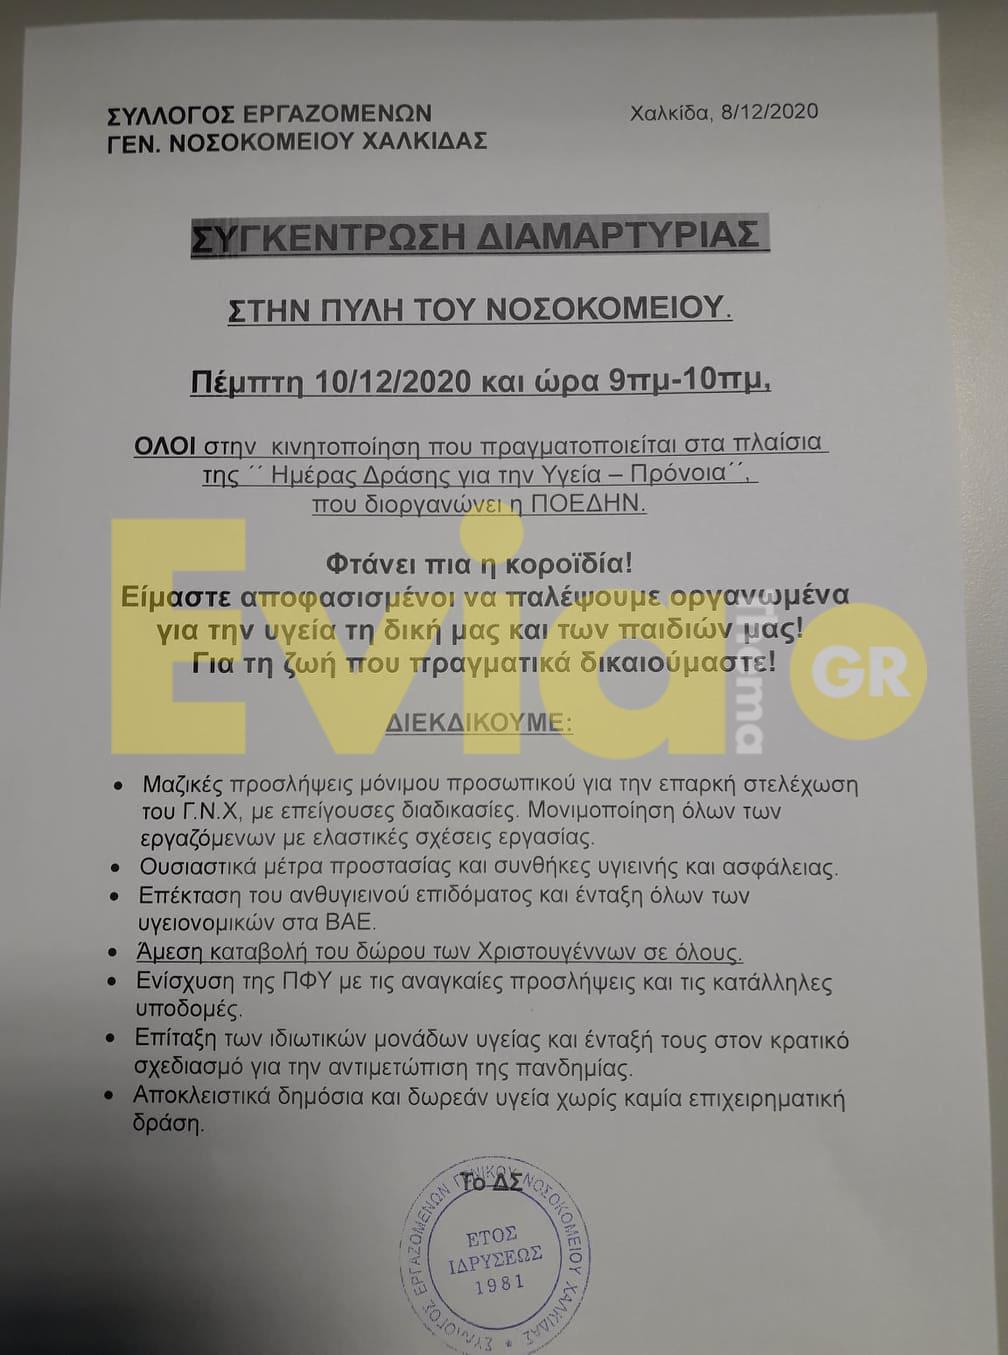 Νέο Νοσοκομείο Χαλκίδας: Συγκέντρωση διαμαρτυρίας του Συλλόγου Εργαζομένων, Νέο Νοσοκομείο Χαλκίδας: Συγκέντρωση διαμαρτυρίας του Συλλόγου Εργαζομένων στην πύλη την Πέμπτη 10/12, Eviathema.gr   Εύβοια Τοπ Νέα Ειδήσεις